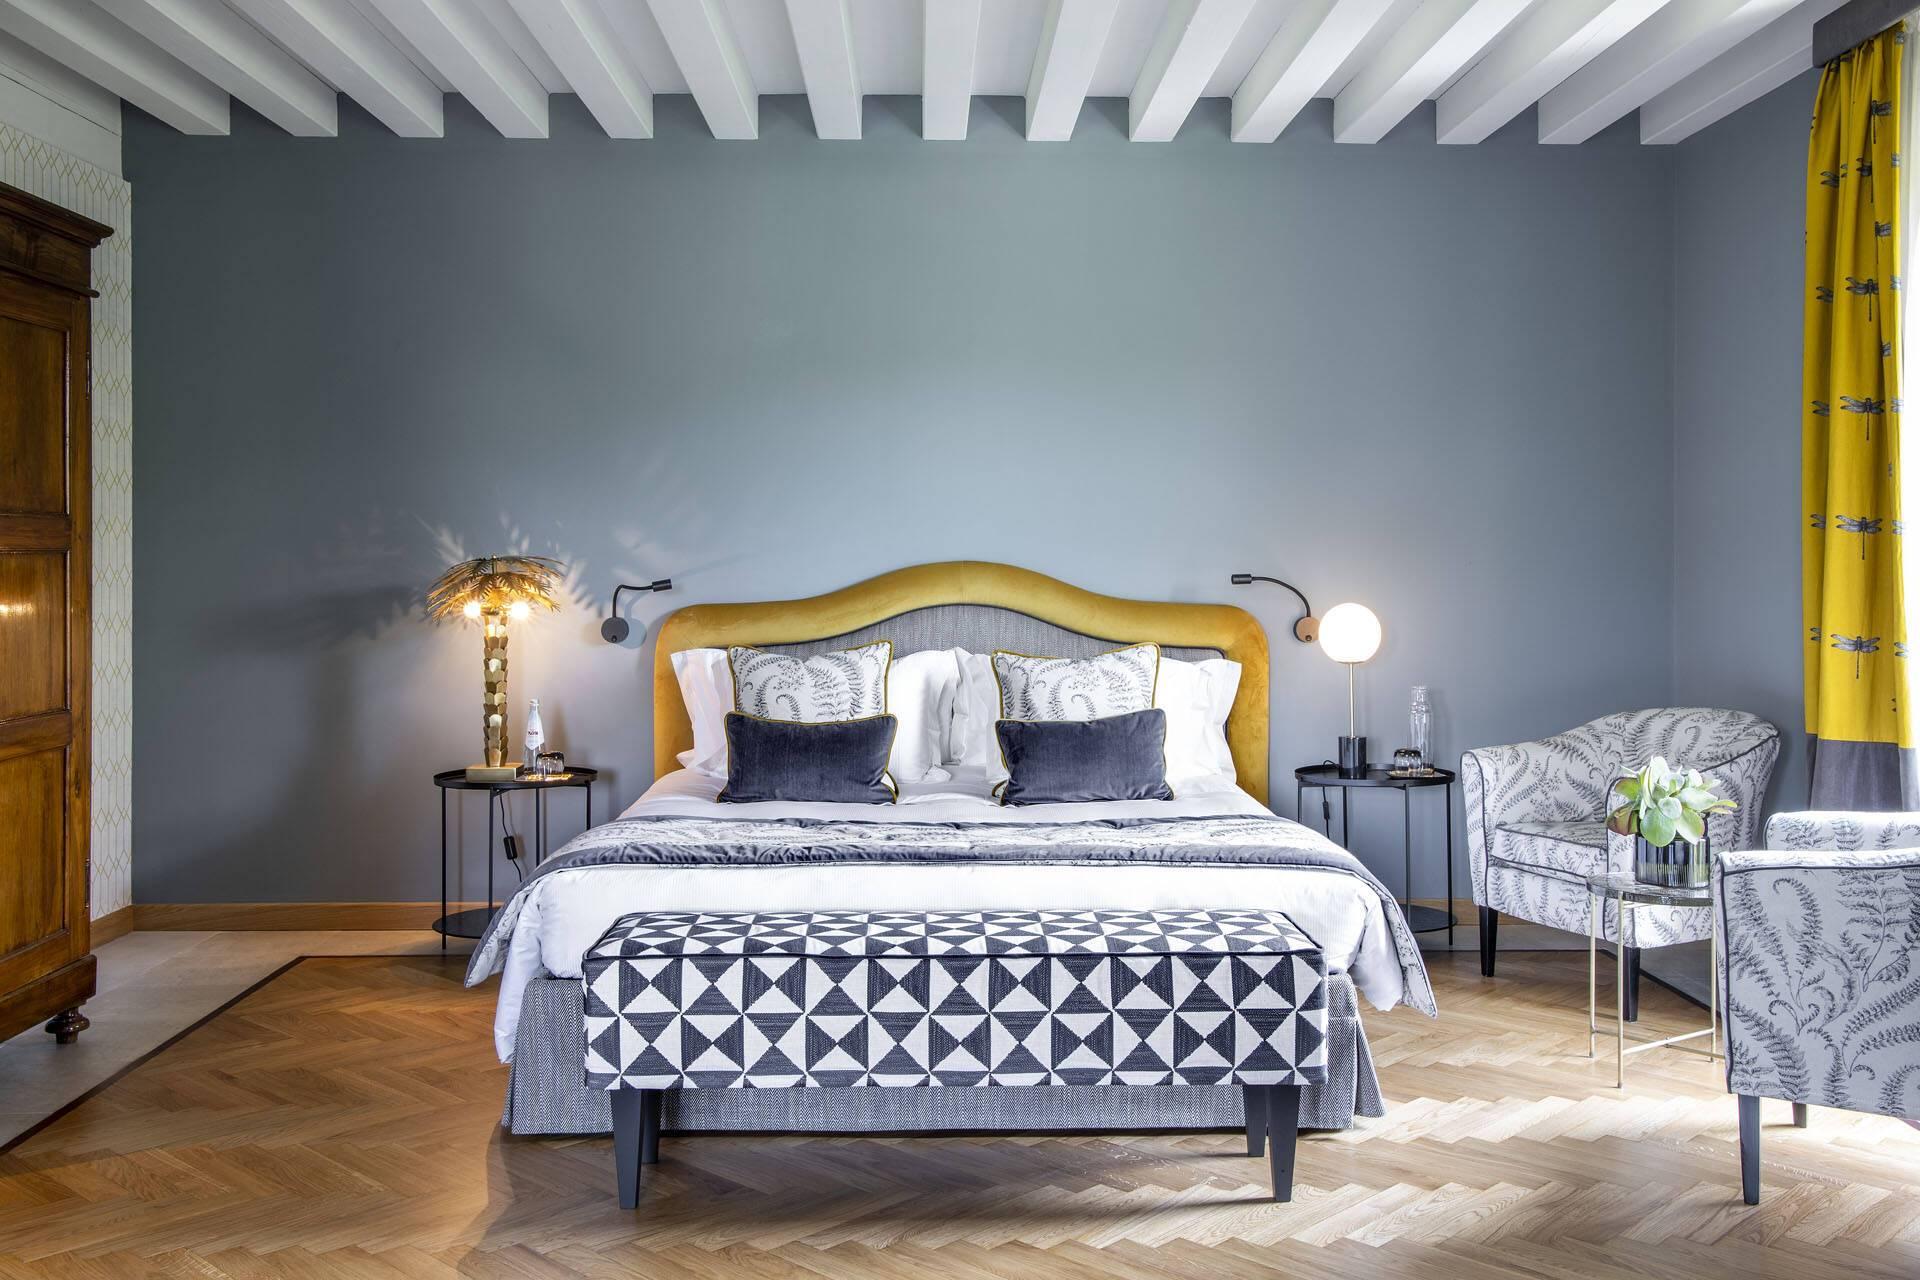 Albereta Lombardie Italie Deluxe Suite Contadi